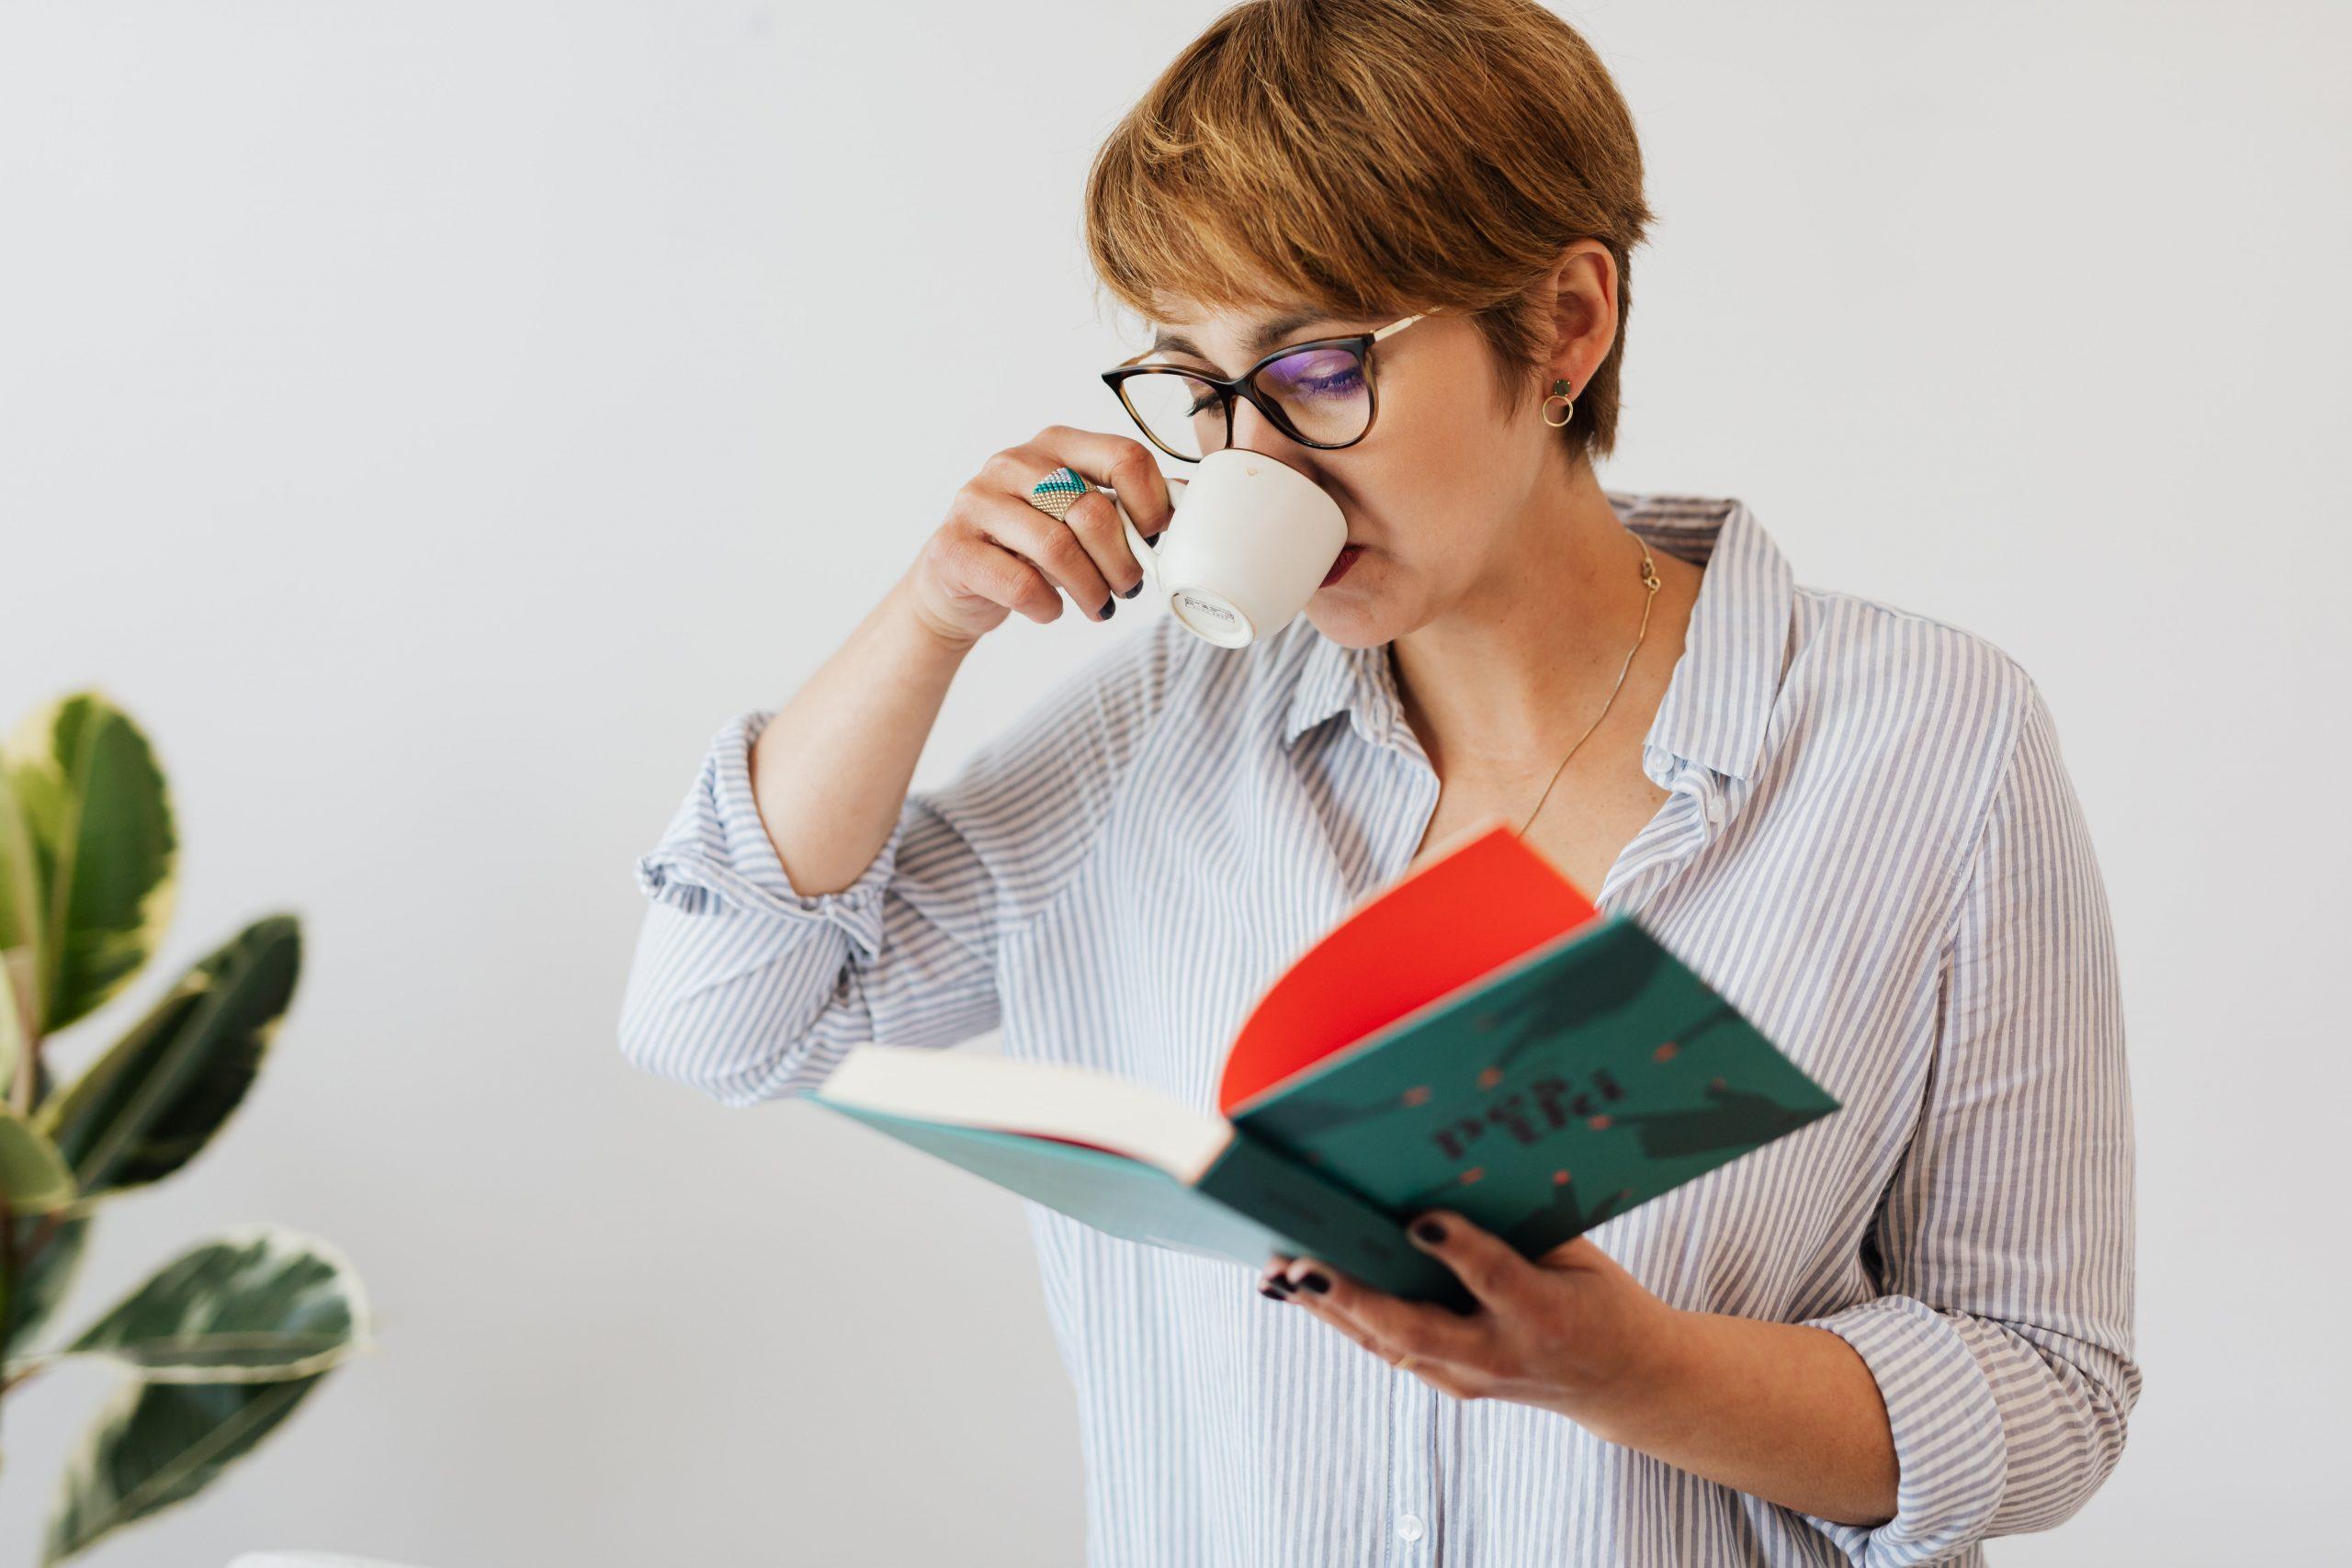 Imagem de uma mulher lendo um livro.